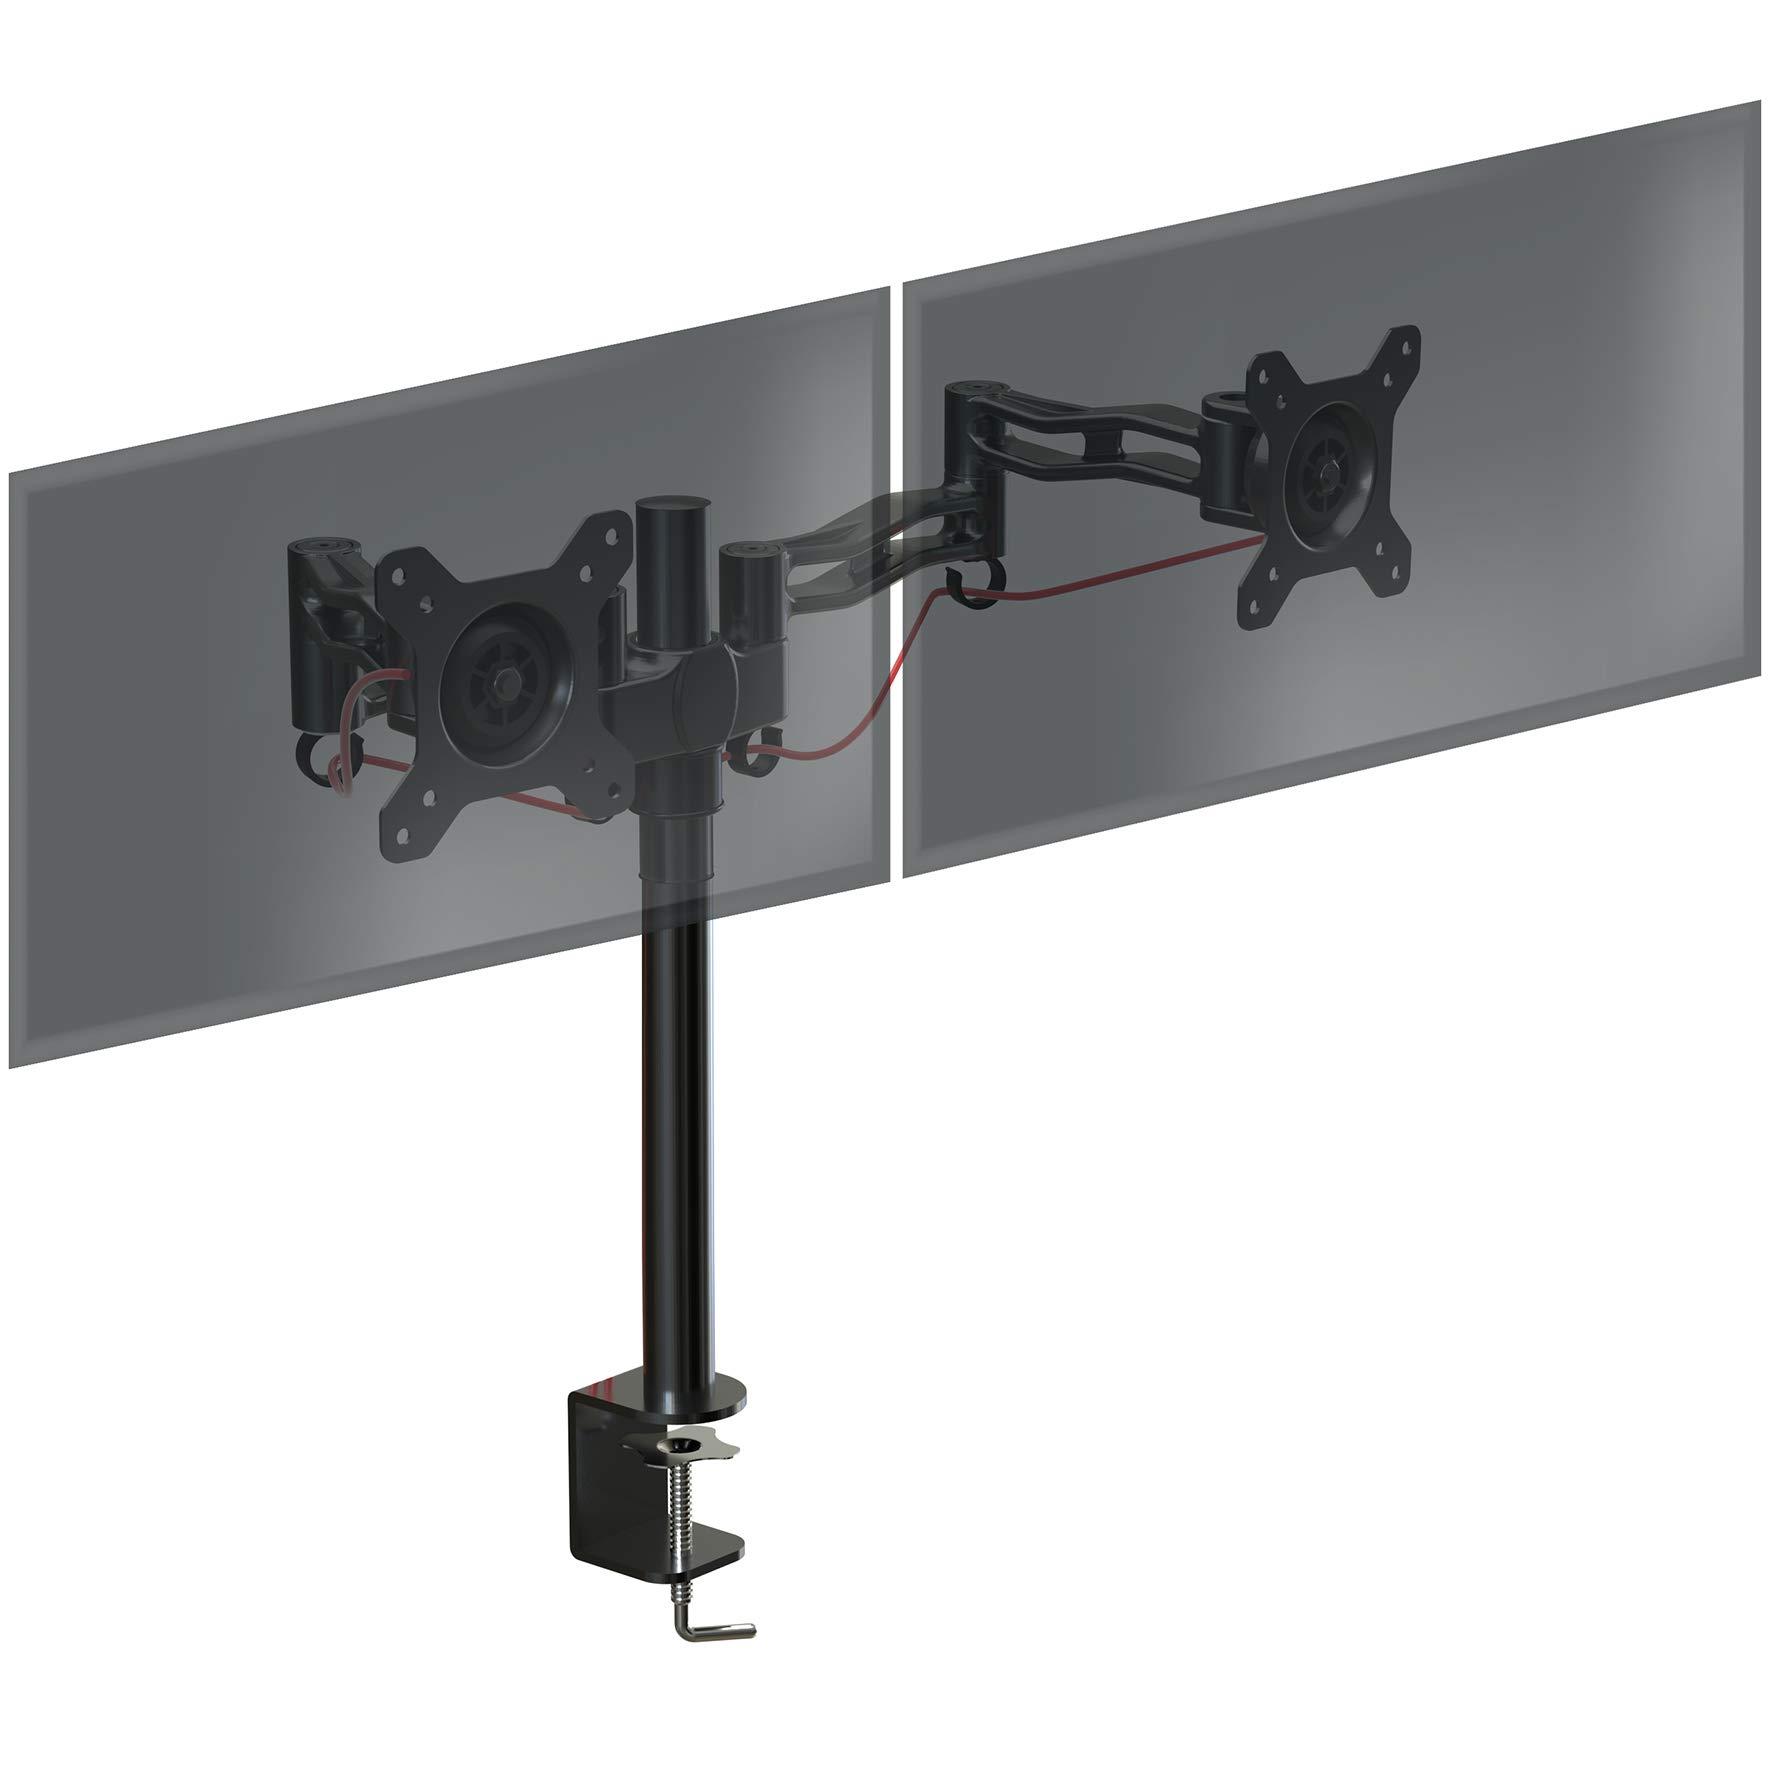 Duronic DM352   BK Soporte Doble para 2 Monitores Soporte para Dos  Pantallas con Brazo con Giro ± 15º   Giro de 180º   Rotación de 360º    Color Negro  ... 79cf1083c75